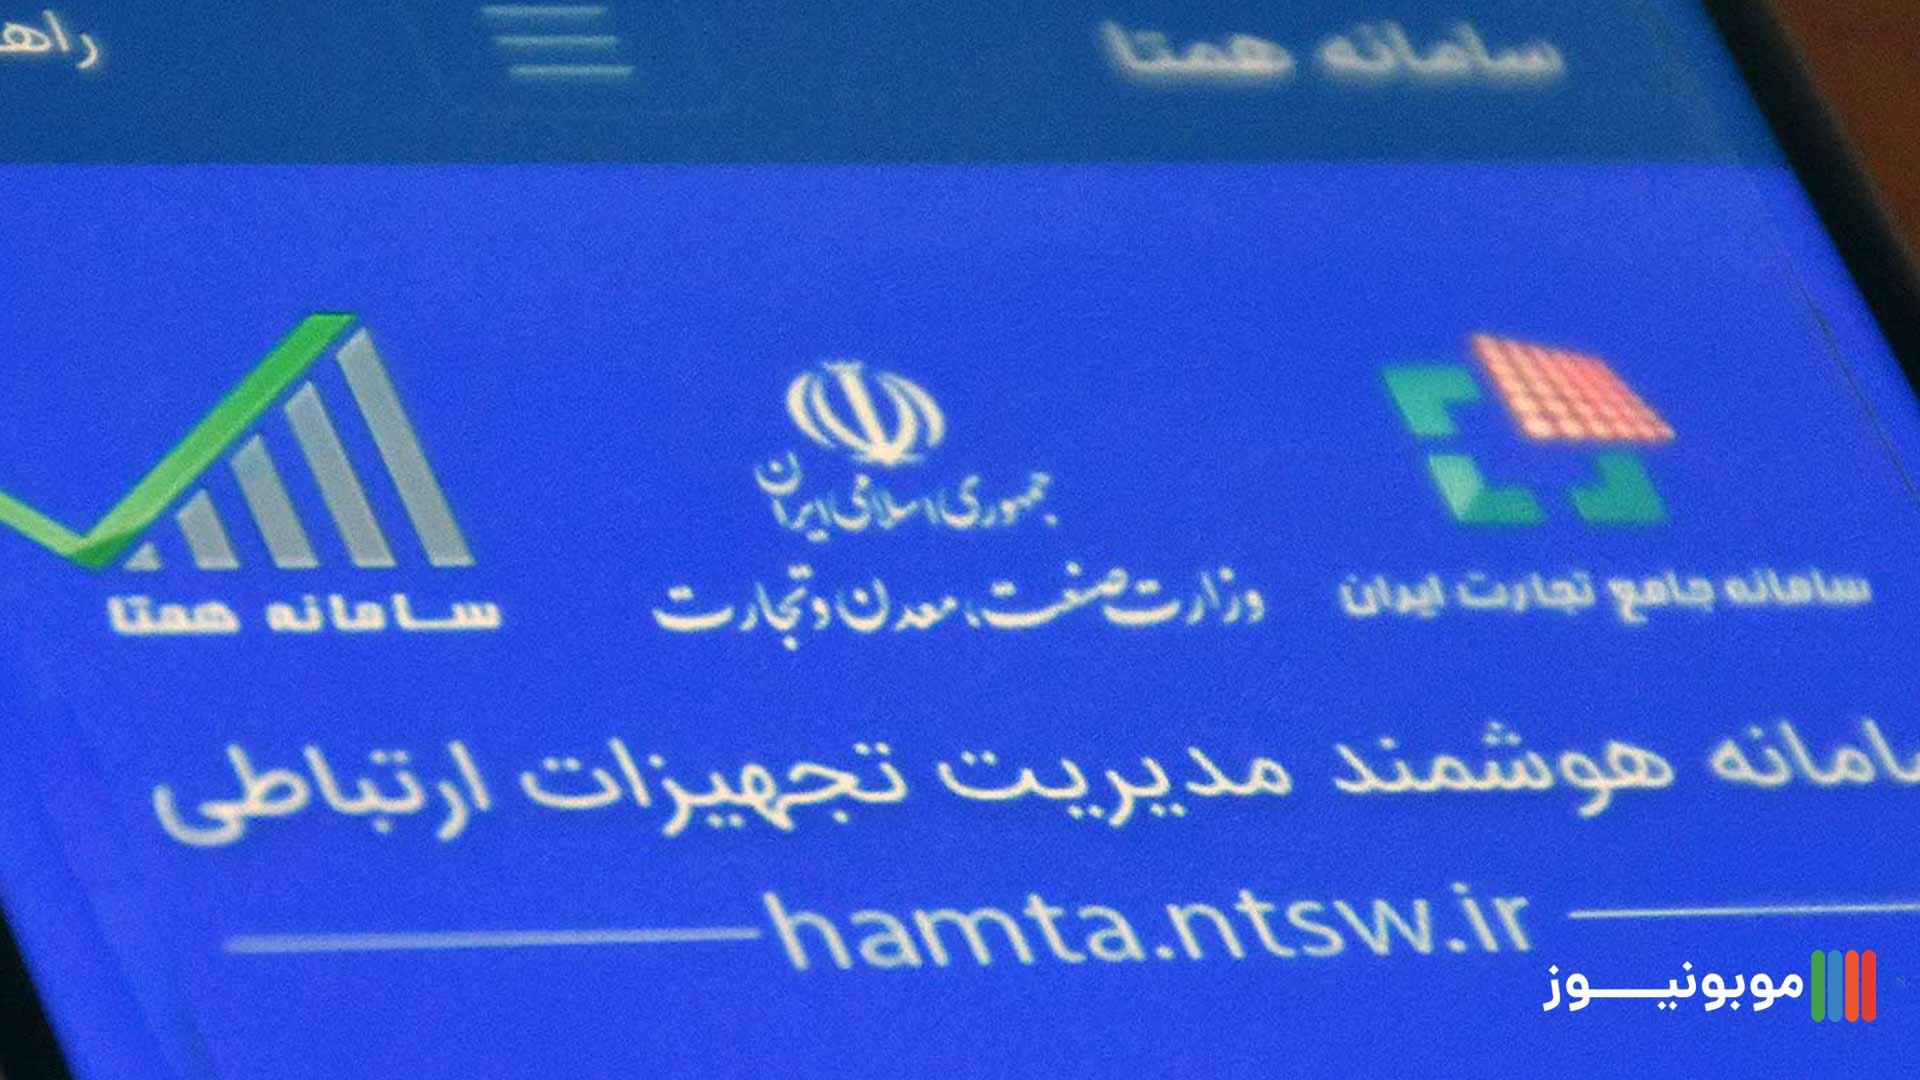 رجیستری تلفن همراه در ایران